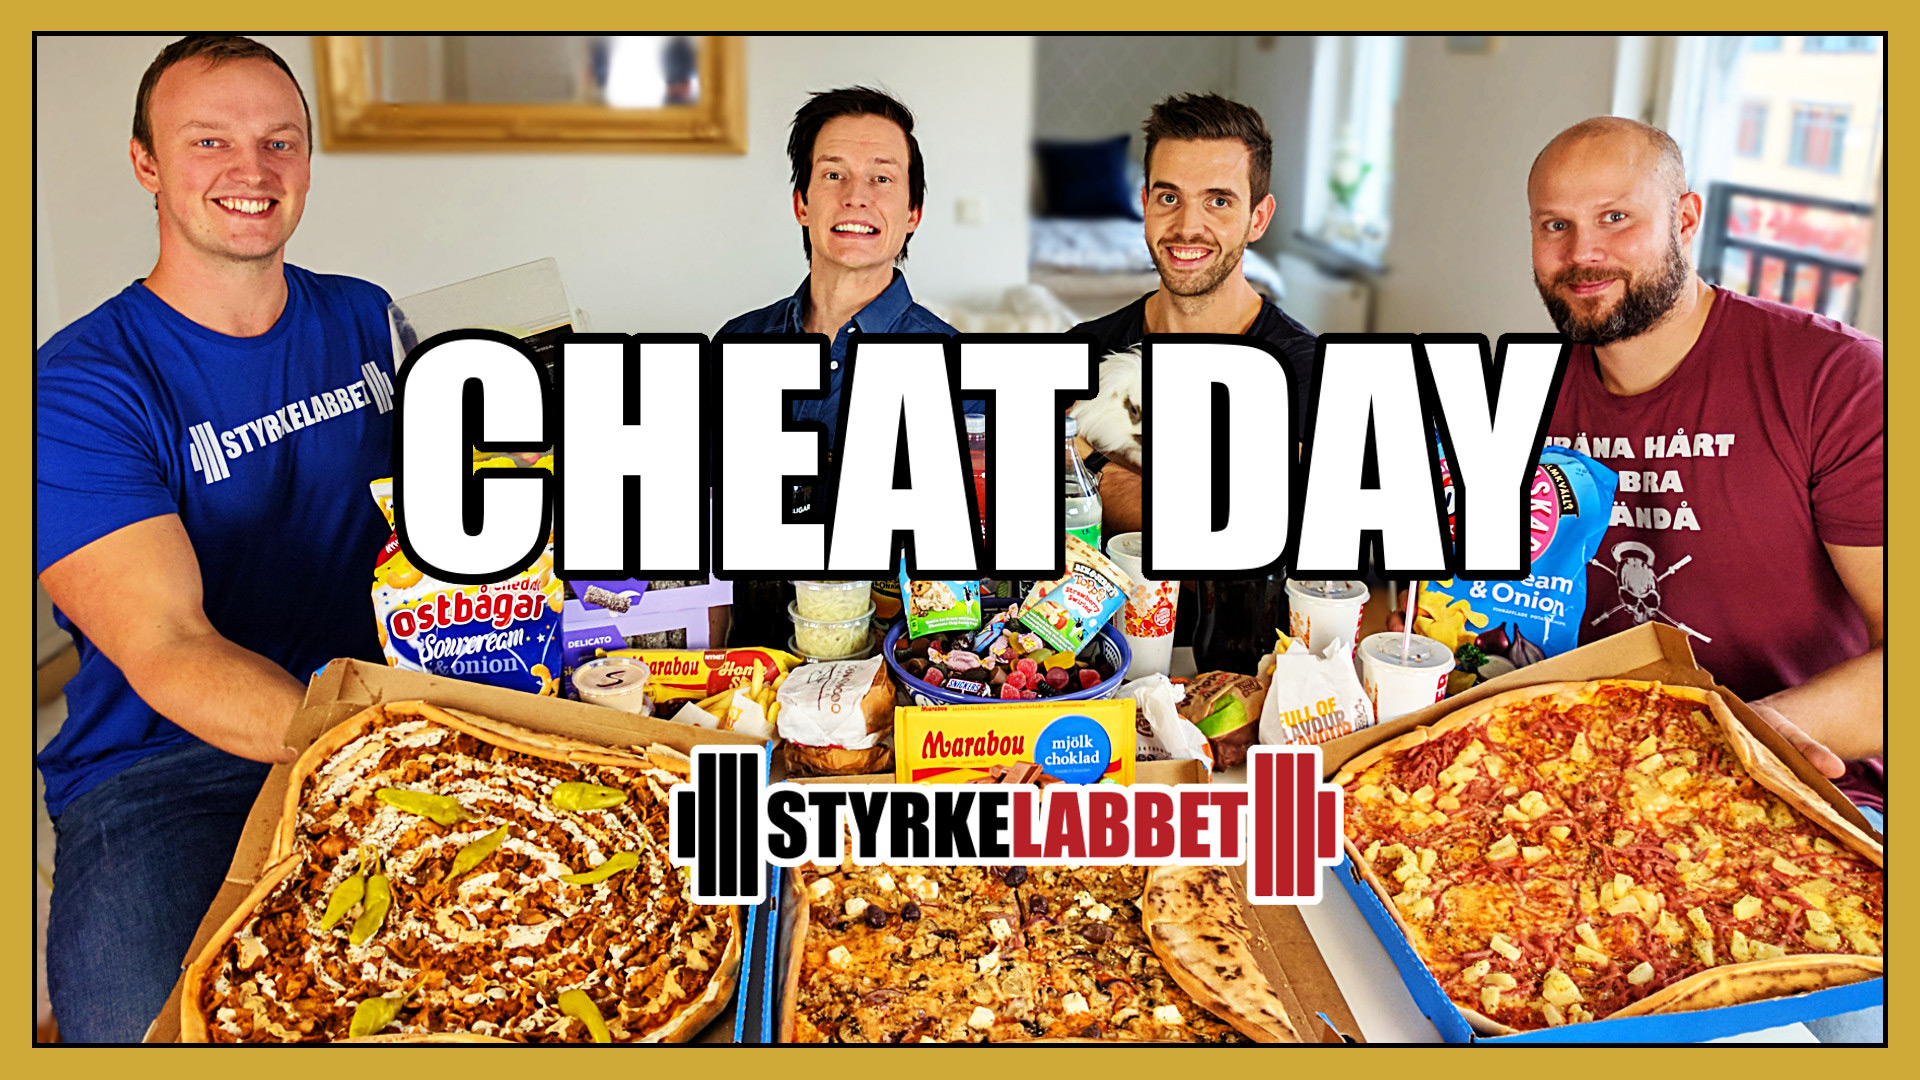 Sveriges STÖRSTA cheat day? Styrkelabbet gästade Matkoma